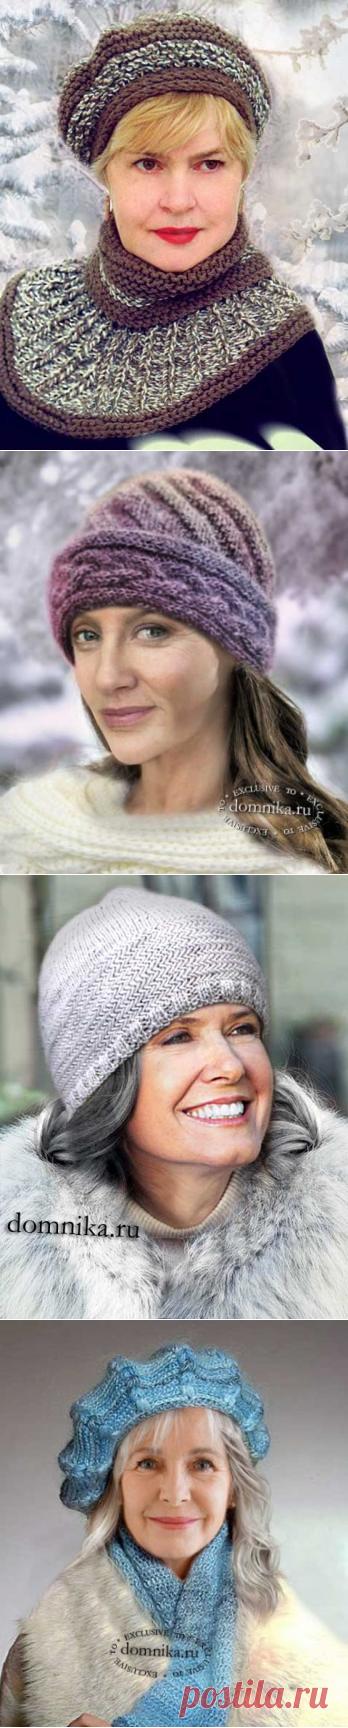 Зимние шапки для пожилых дам 60 лет - вязание шапки для женщин старшего возраста